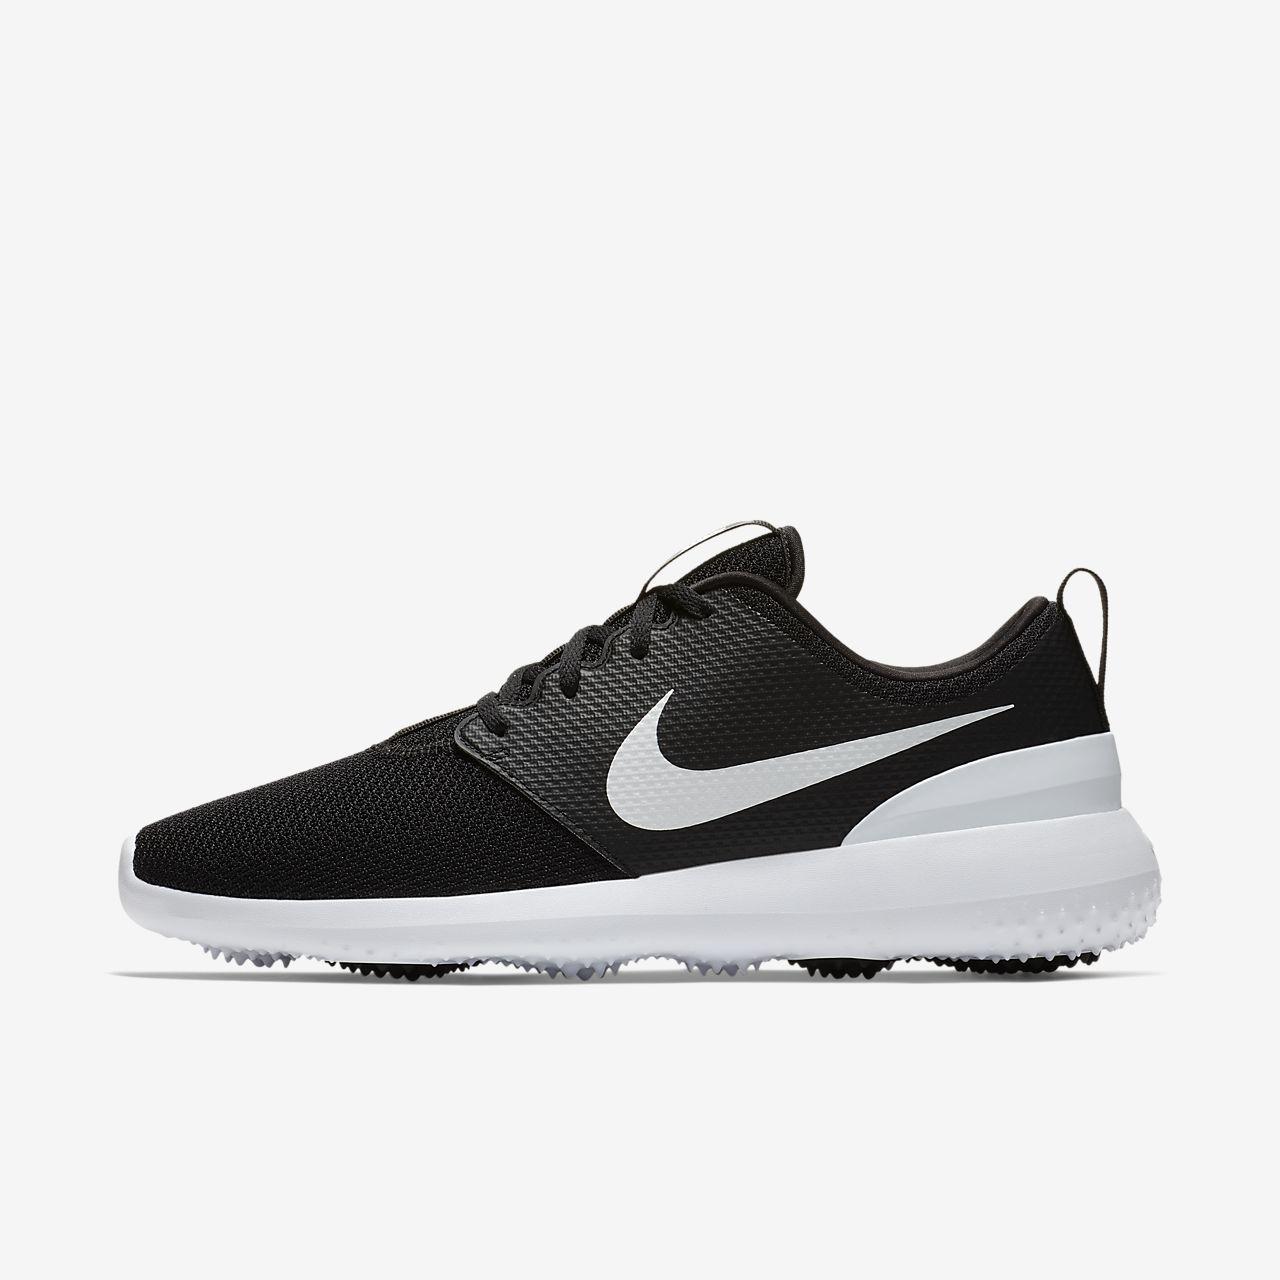 nouveau concept 6aaa0 53a47 Chaussure de golf Nike Roshe G pour Homme